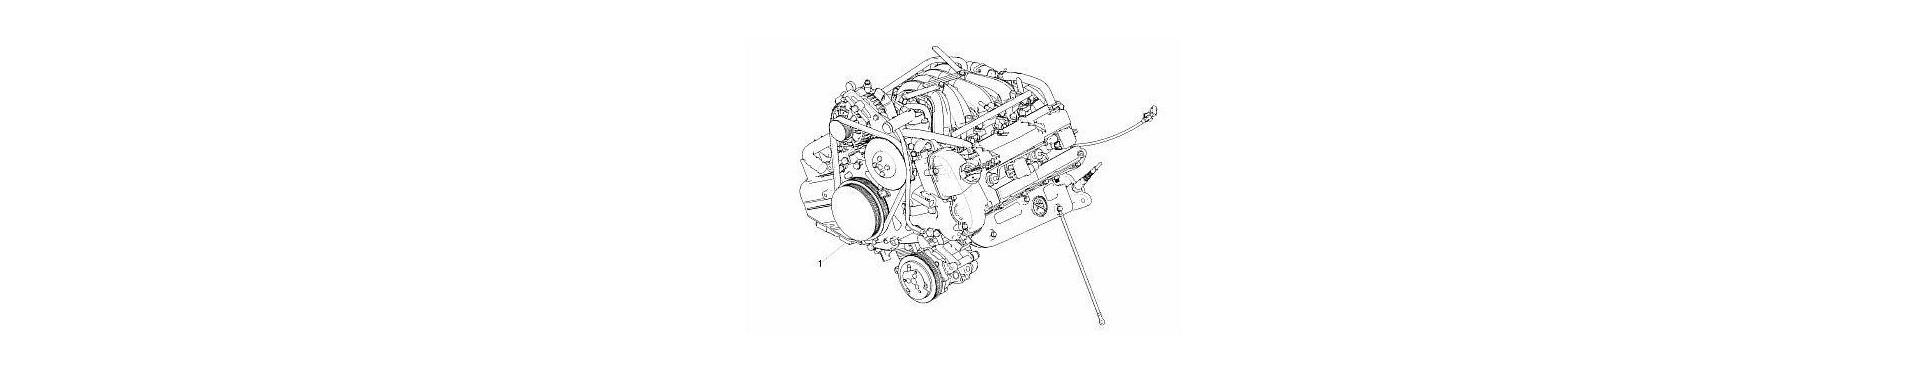 Ricambi per motore Porter Piaggio